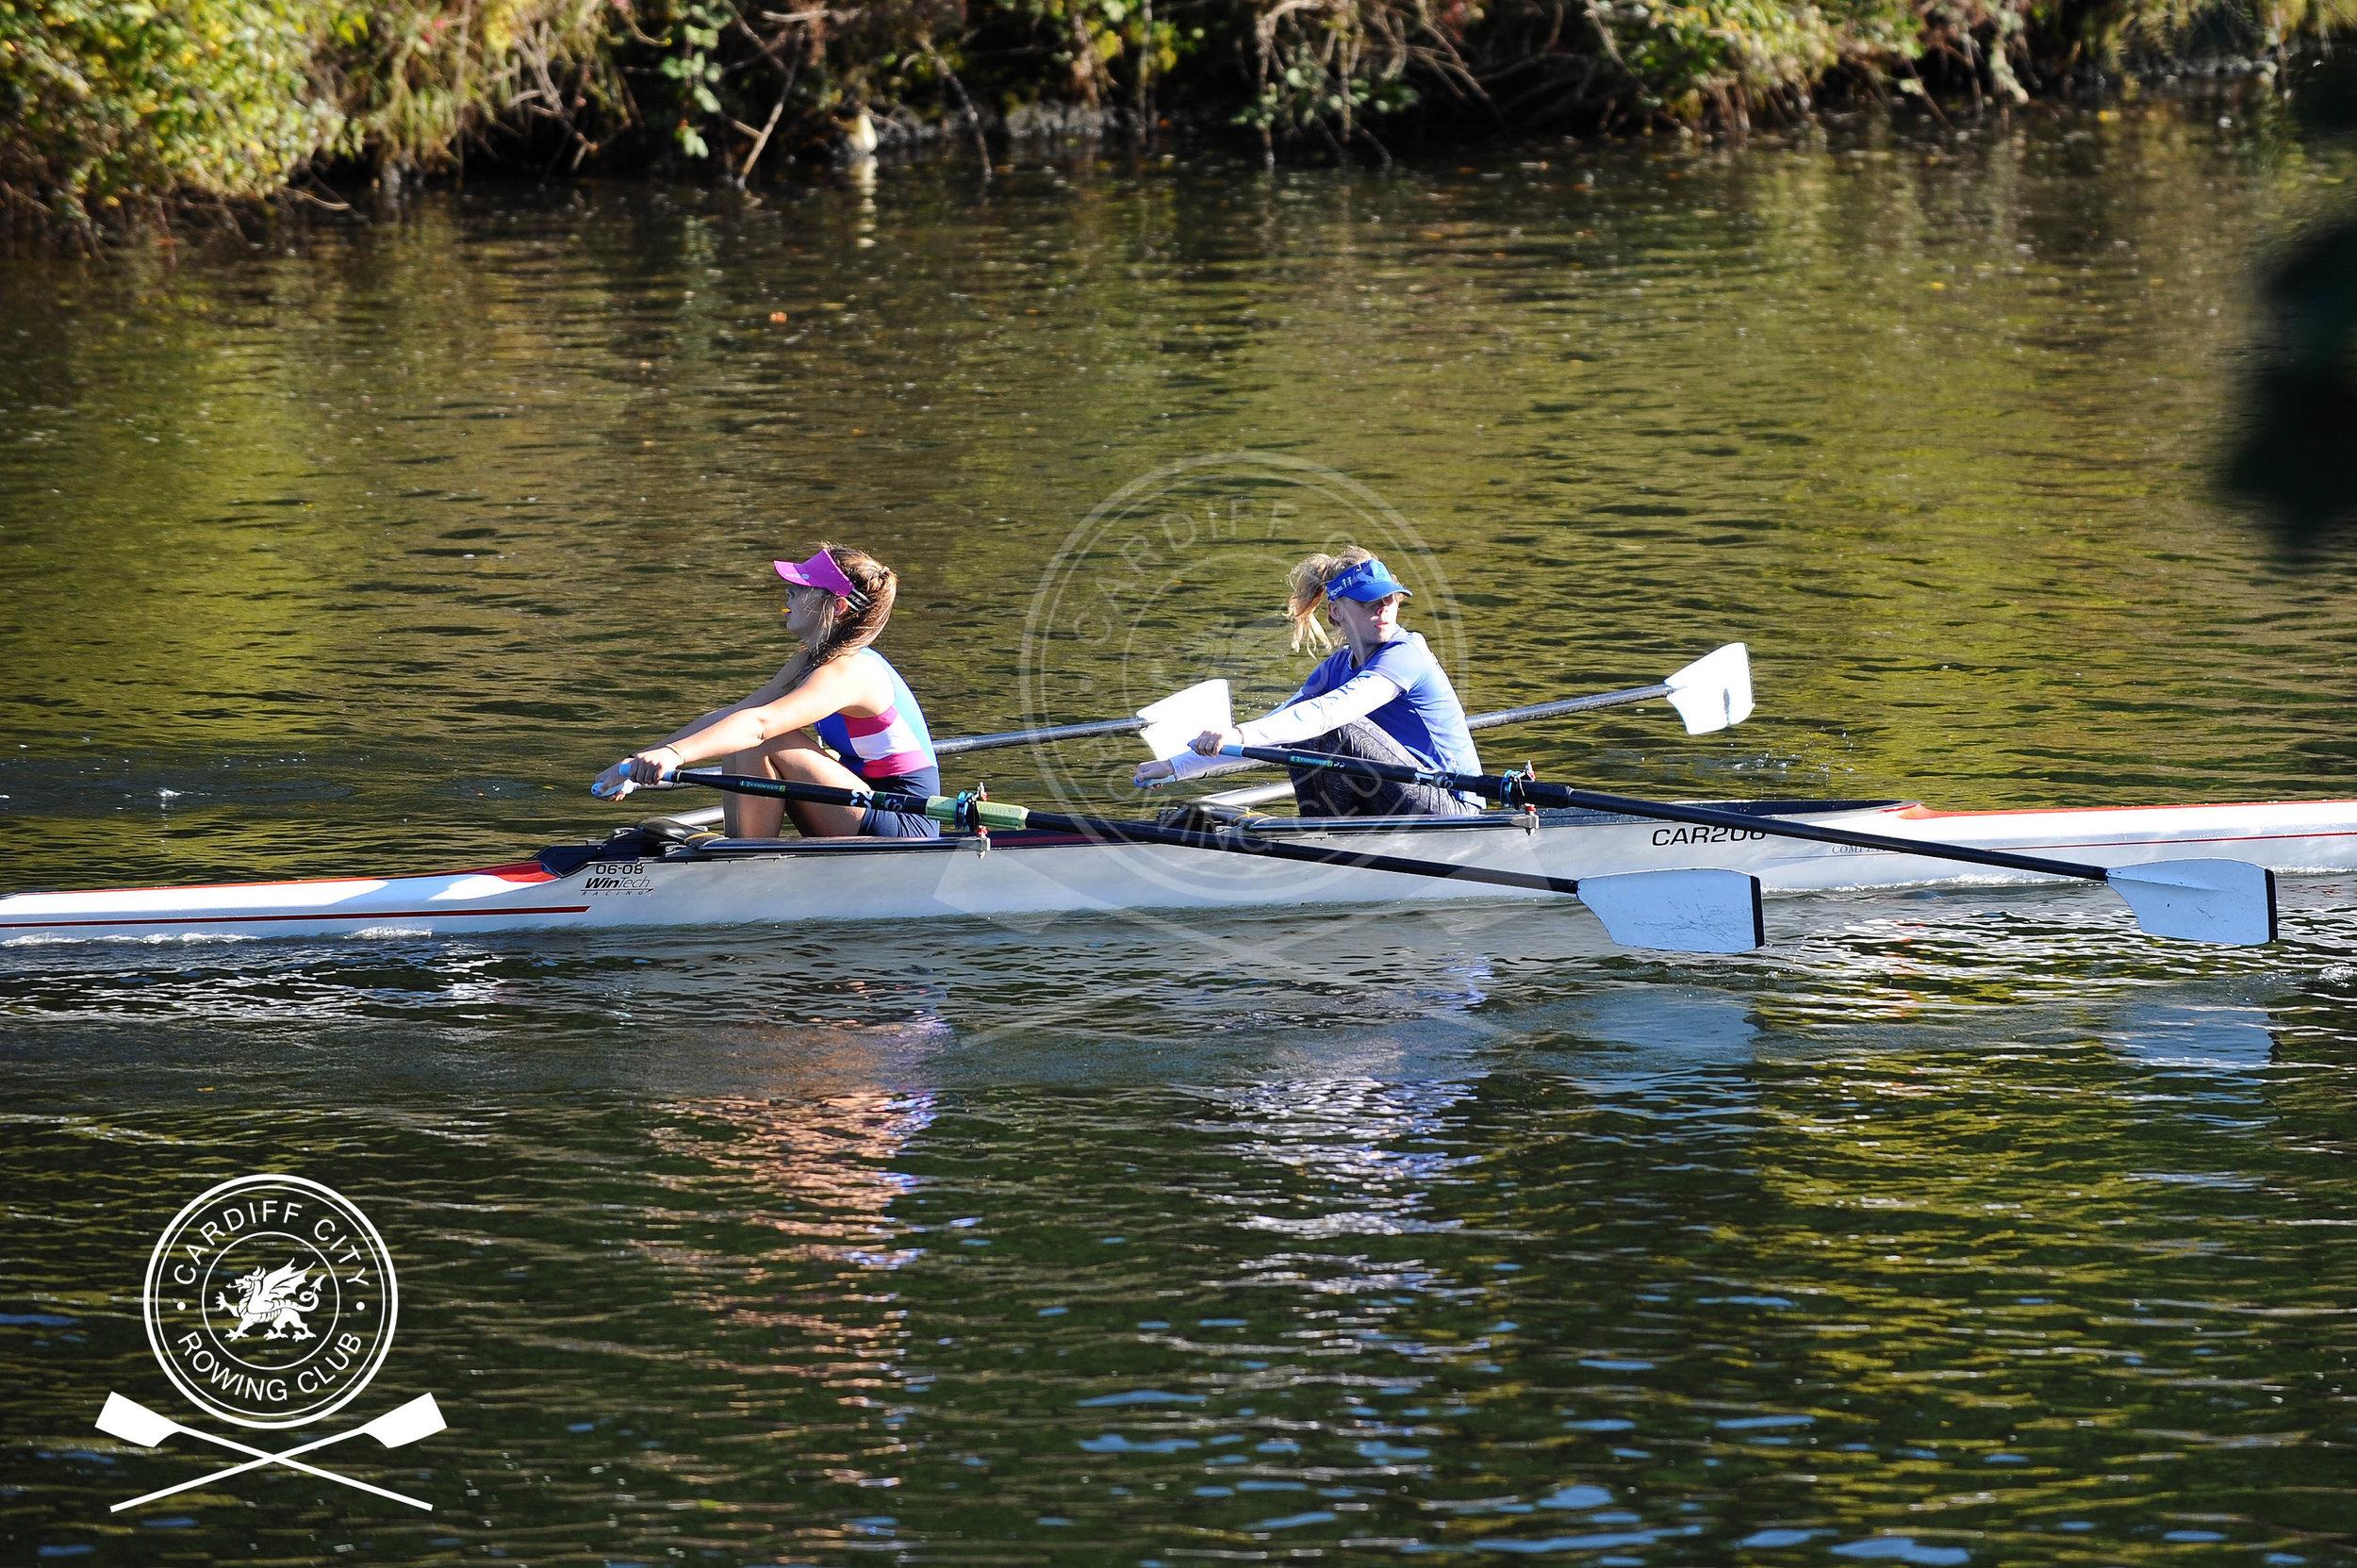 Cardiff_City_Head_Race_98.jpg